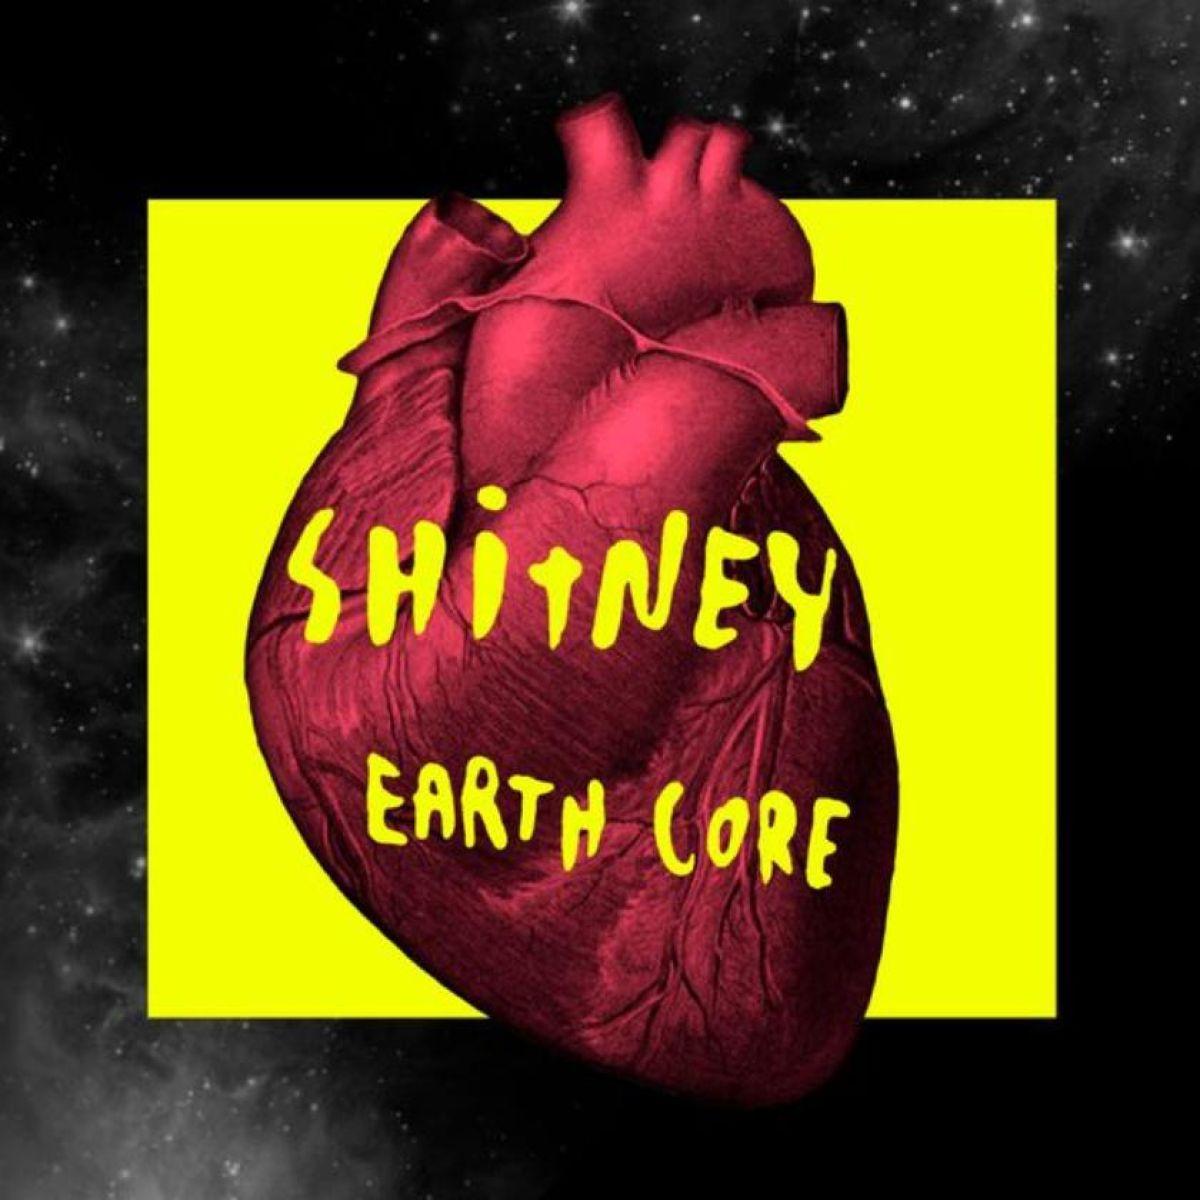 Shitney - Earth Core album review: Delightfully lo-fi Danish